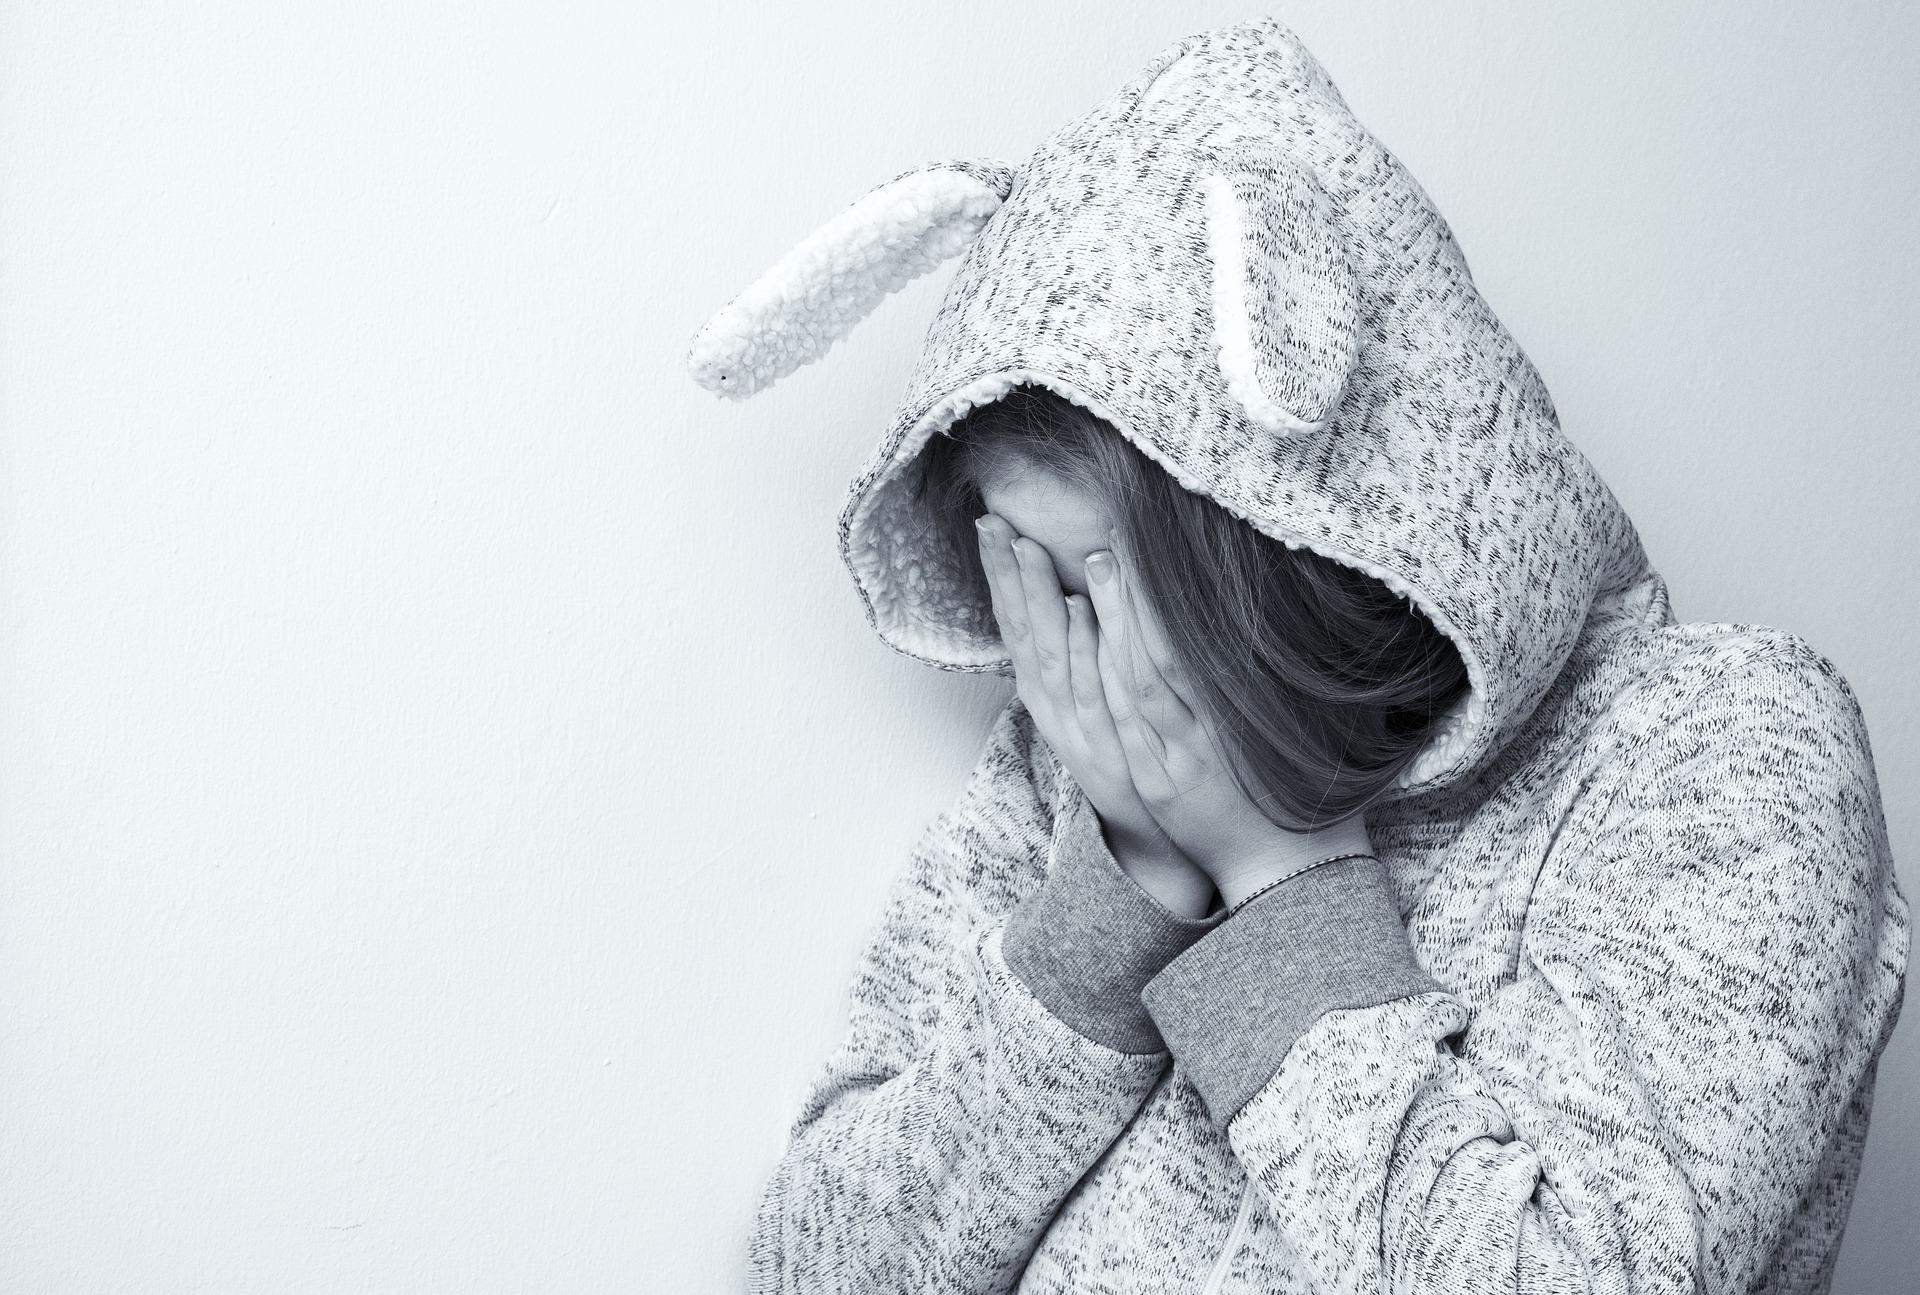 Ilustrasi remaja sedang mengalami kecemasan (Pixabay)